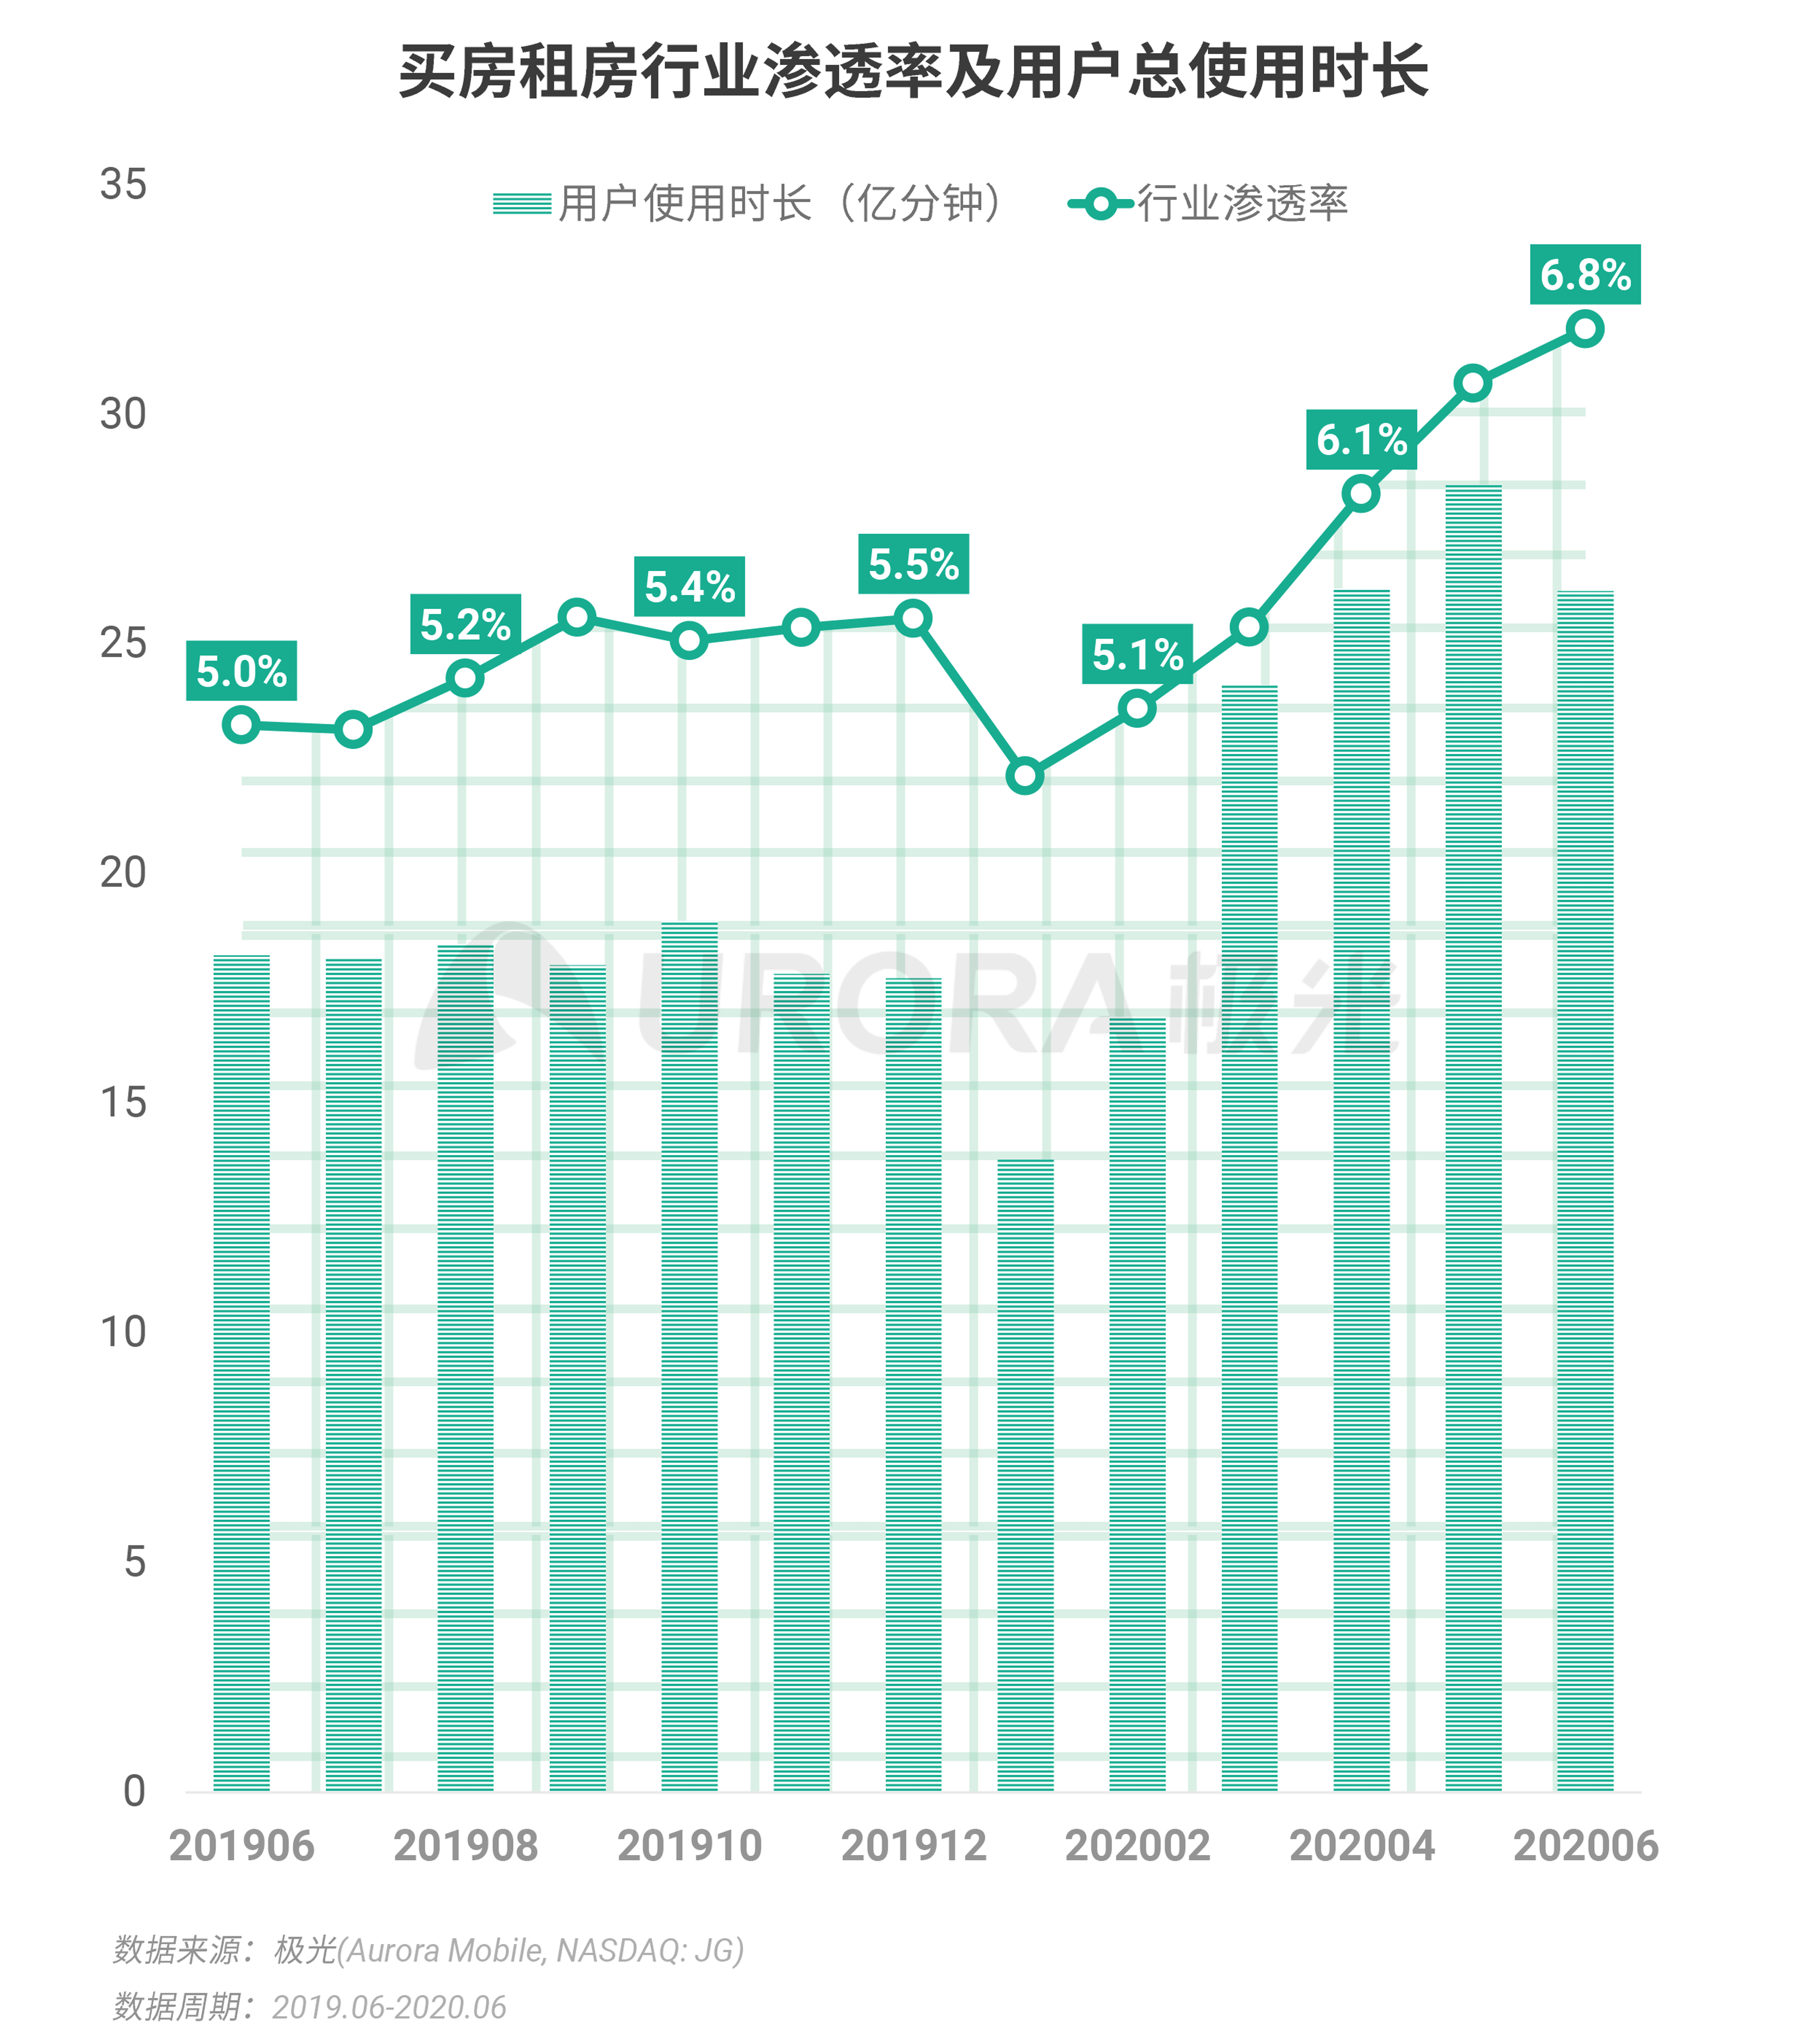 极光:2020Q2互联网行业数据研究报告 (27).png